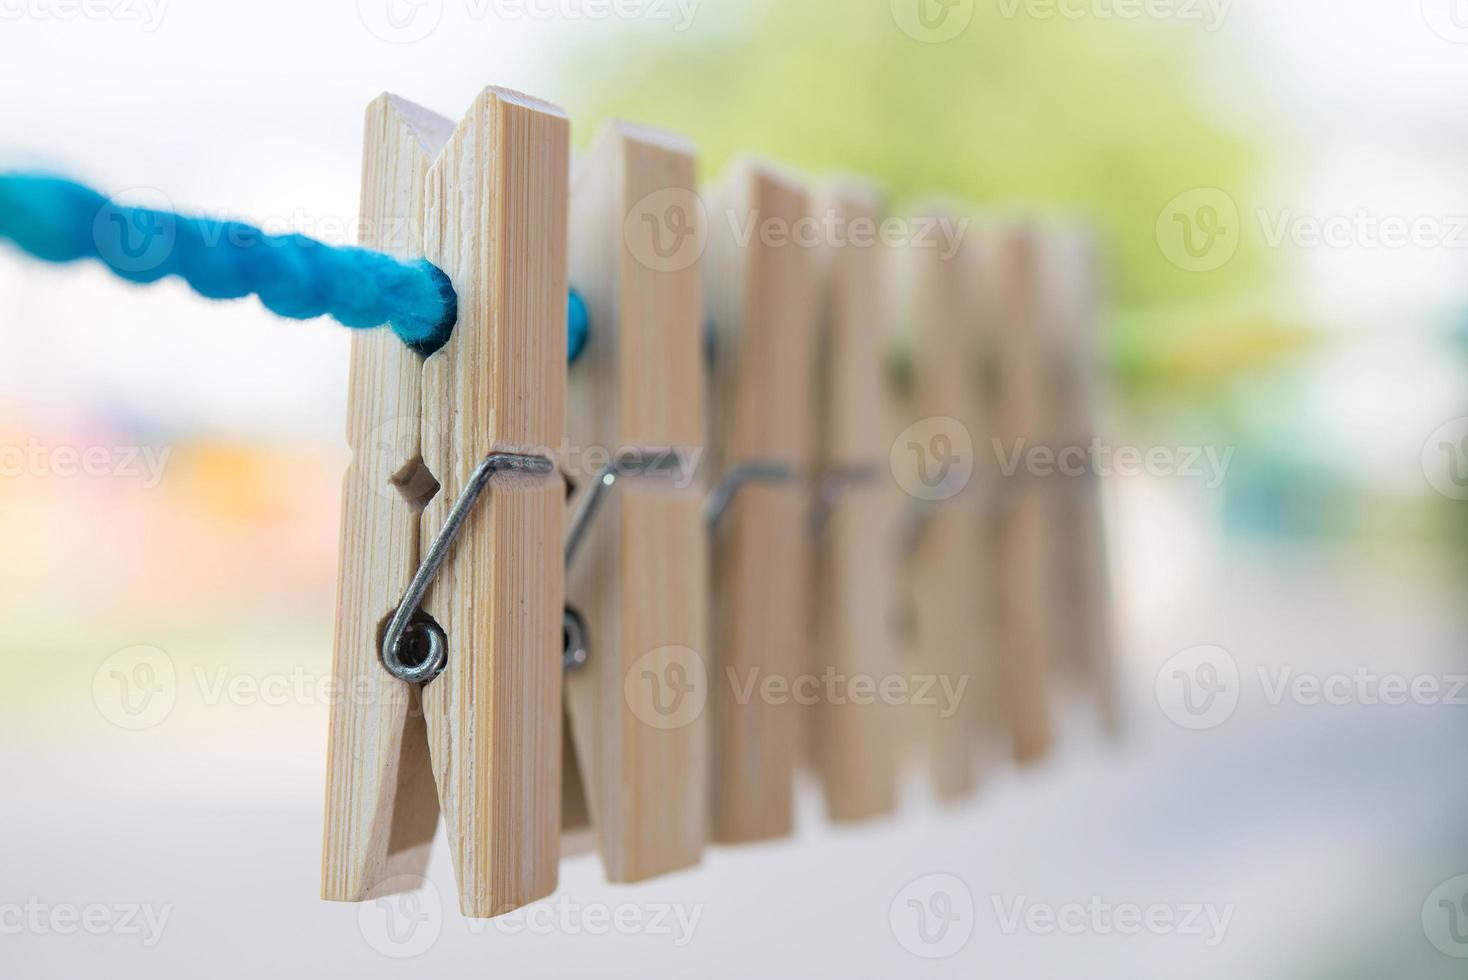 träklädnypa som hänger på repet foto